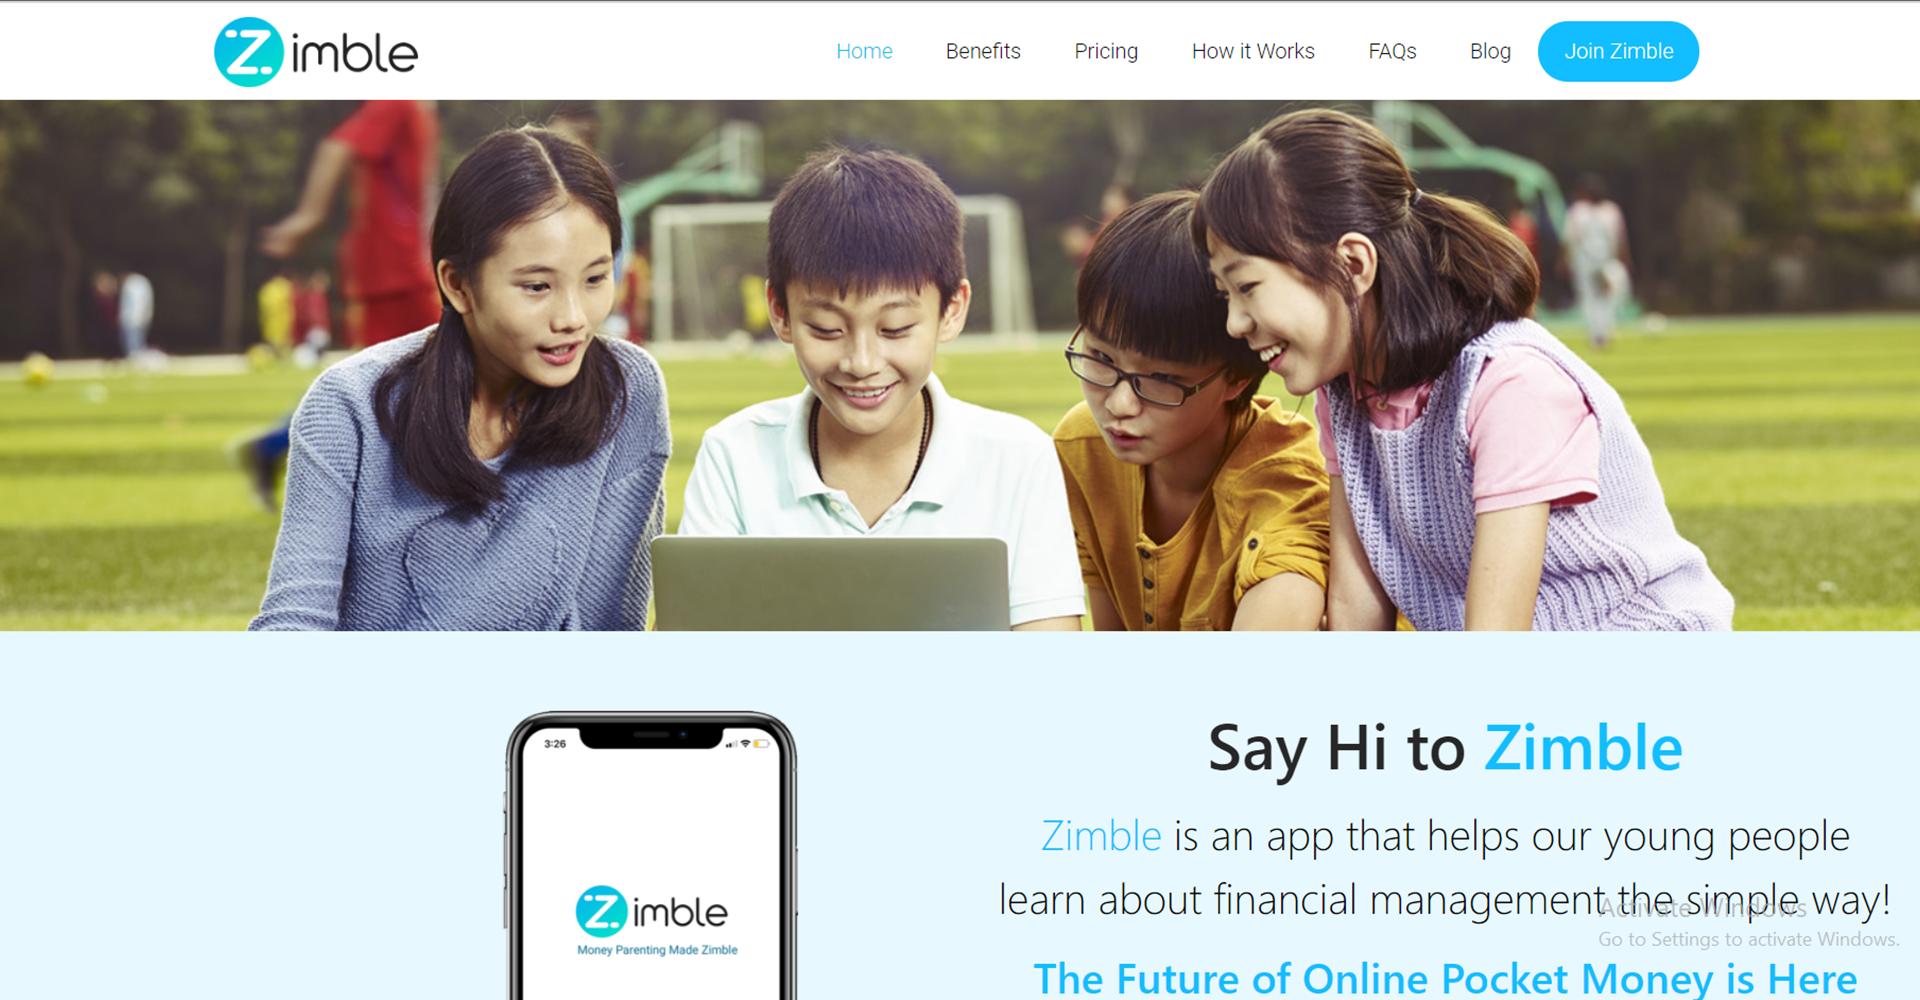 Zimble Home Page